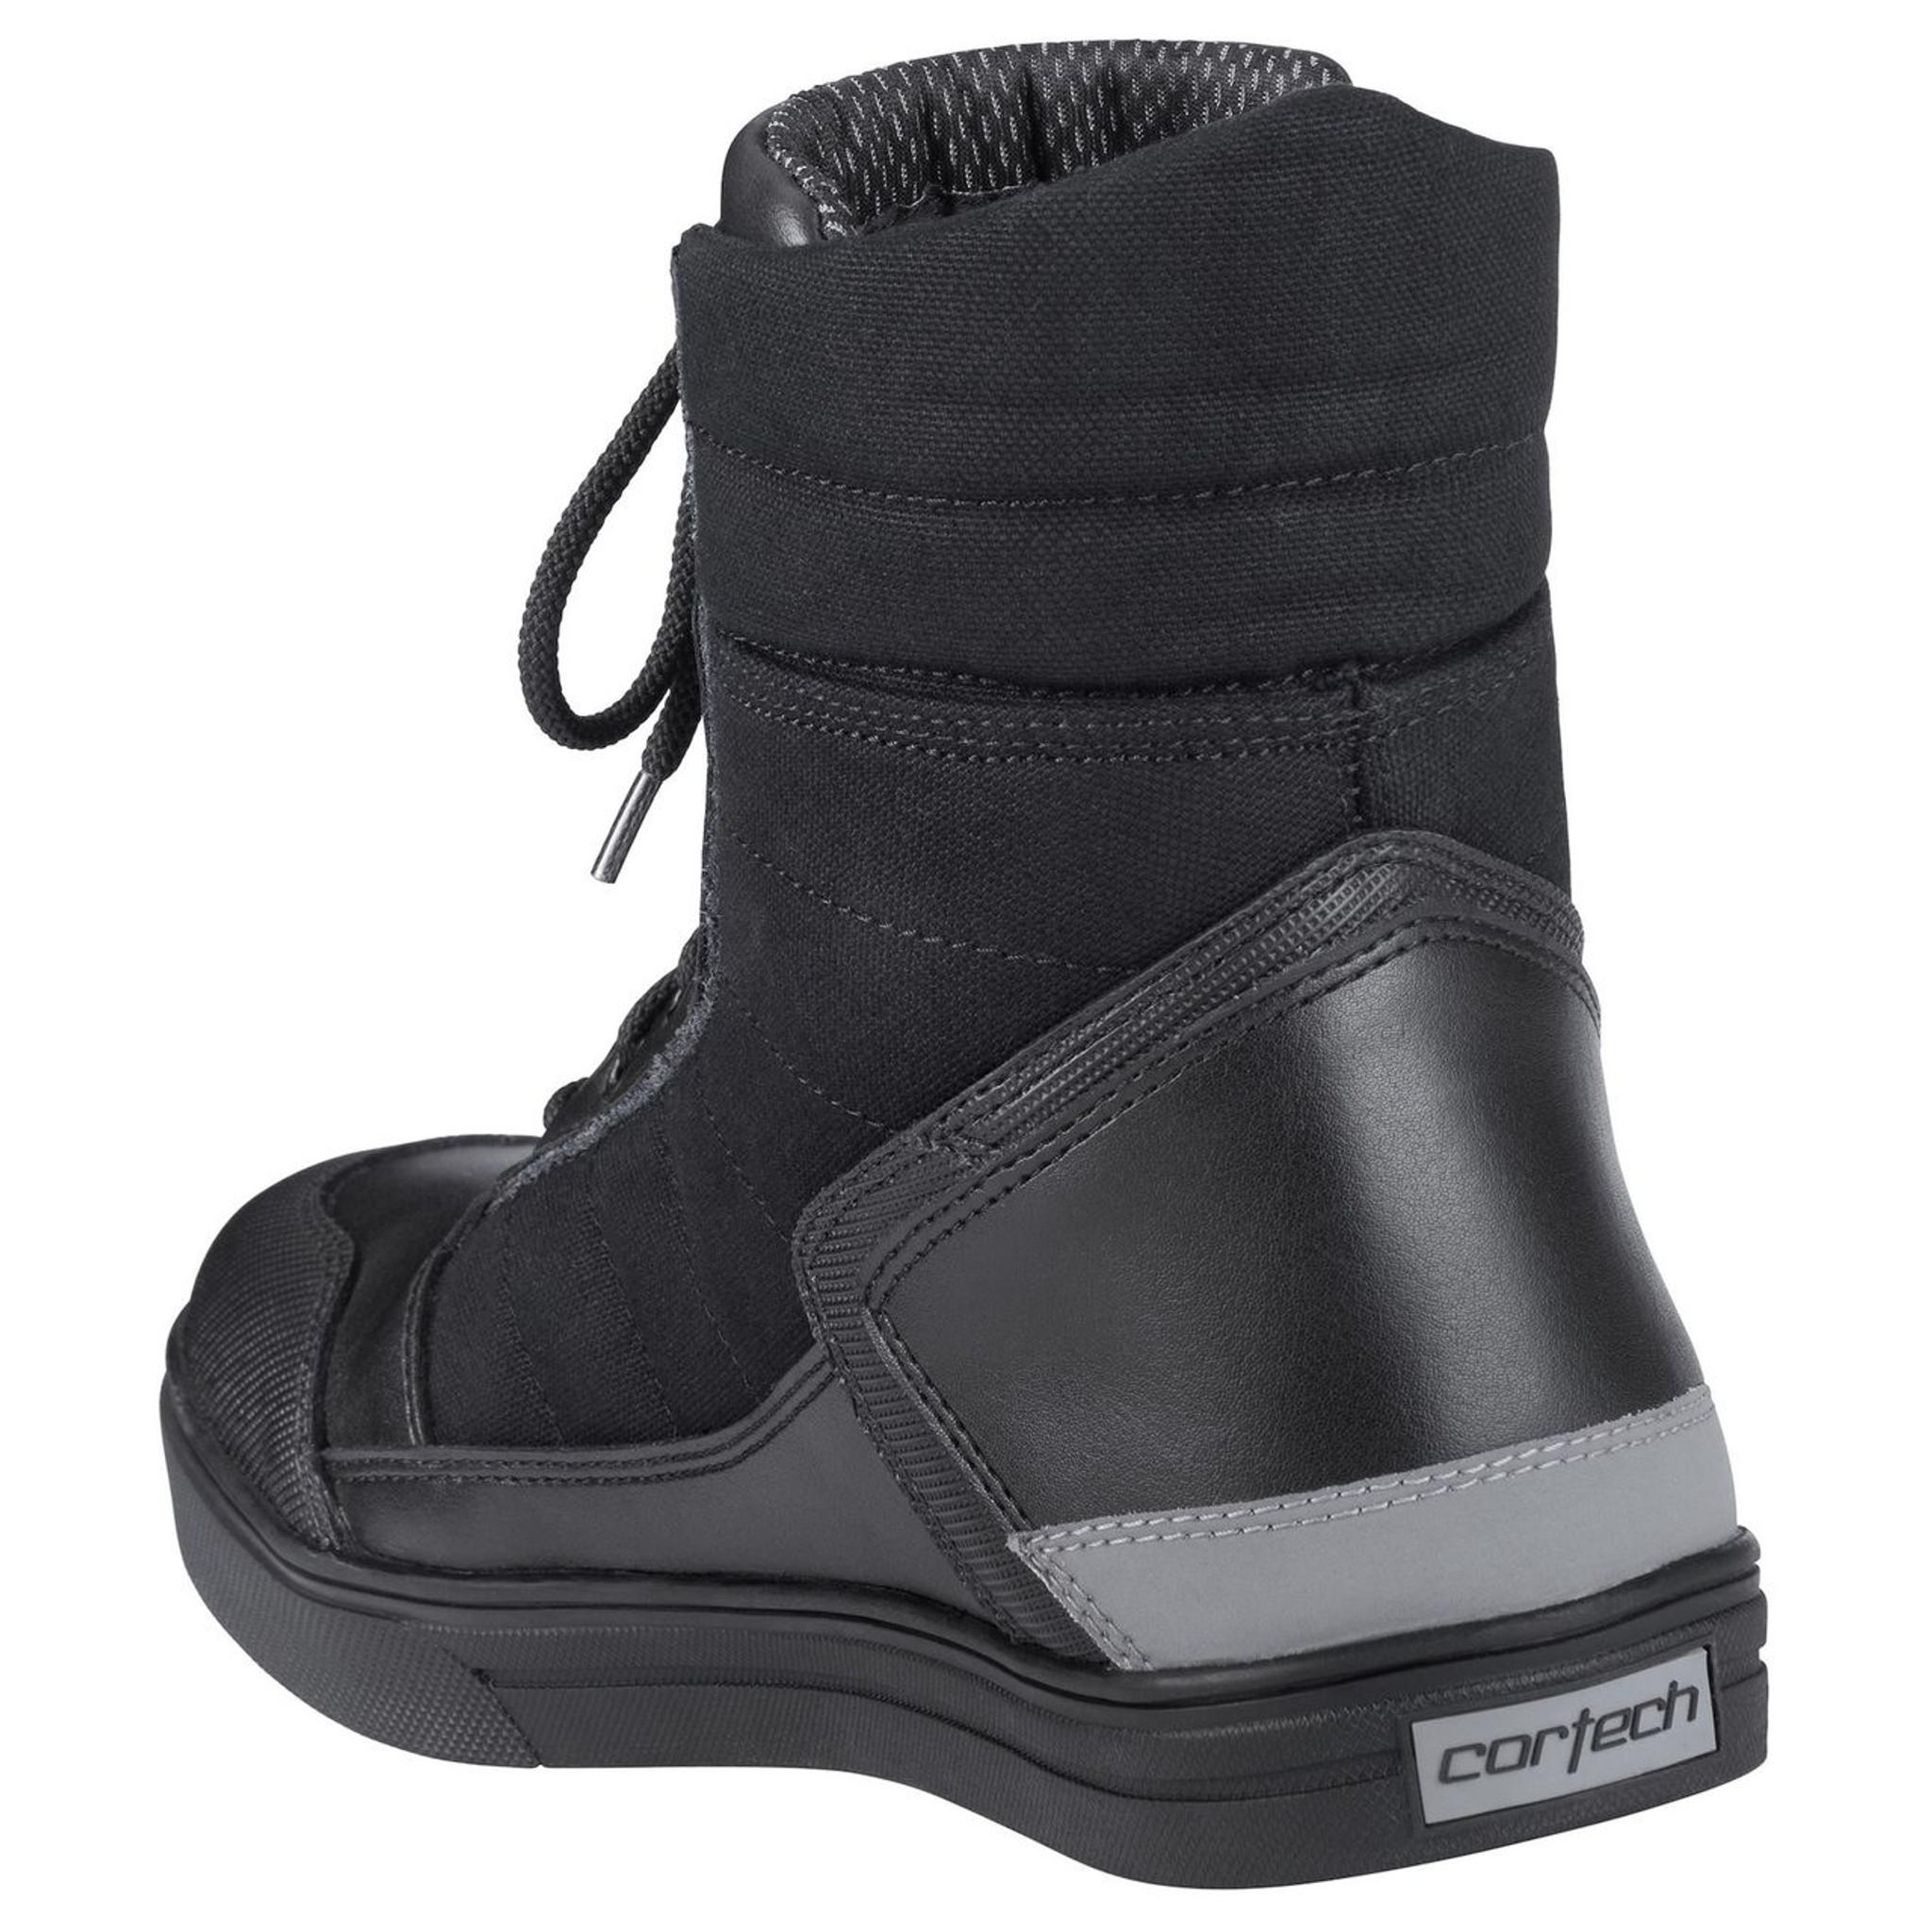 ad95c83b94bd1 Cortech Vice WP Riding Shoe (Blk/Blk)